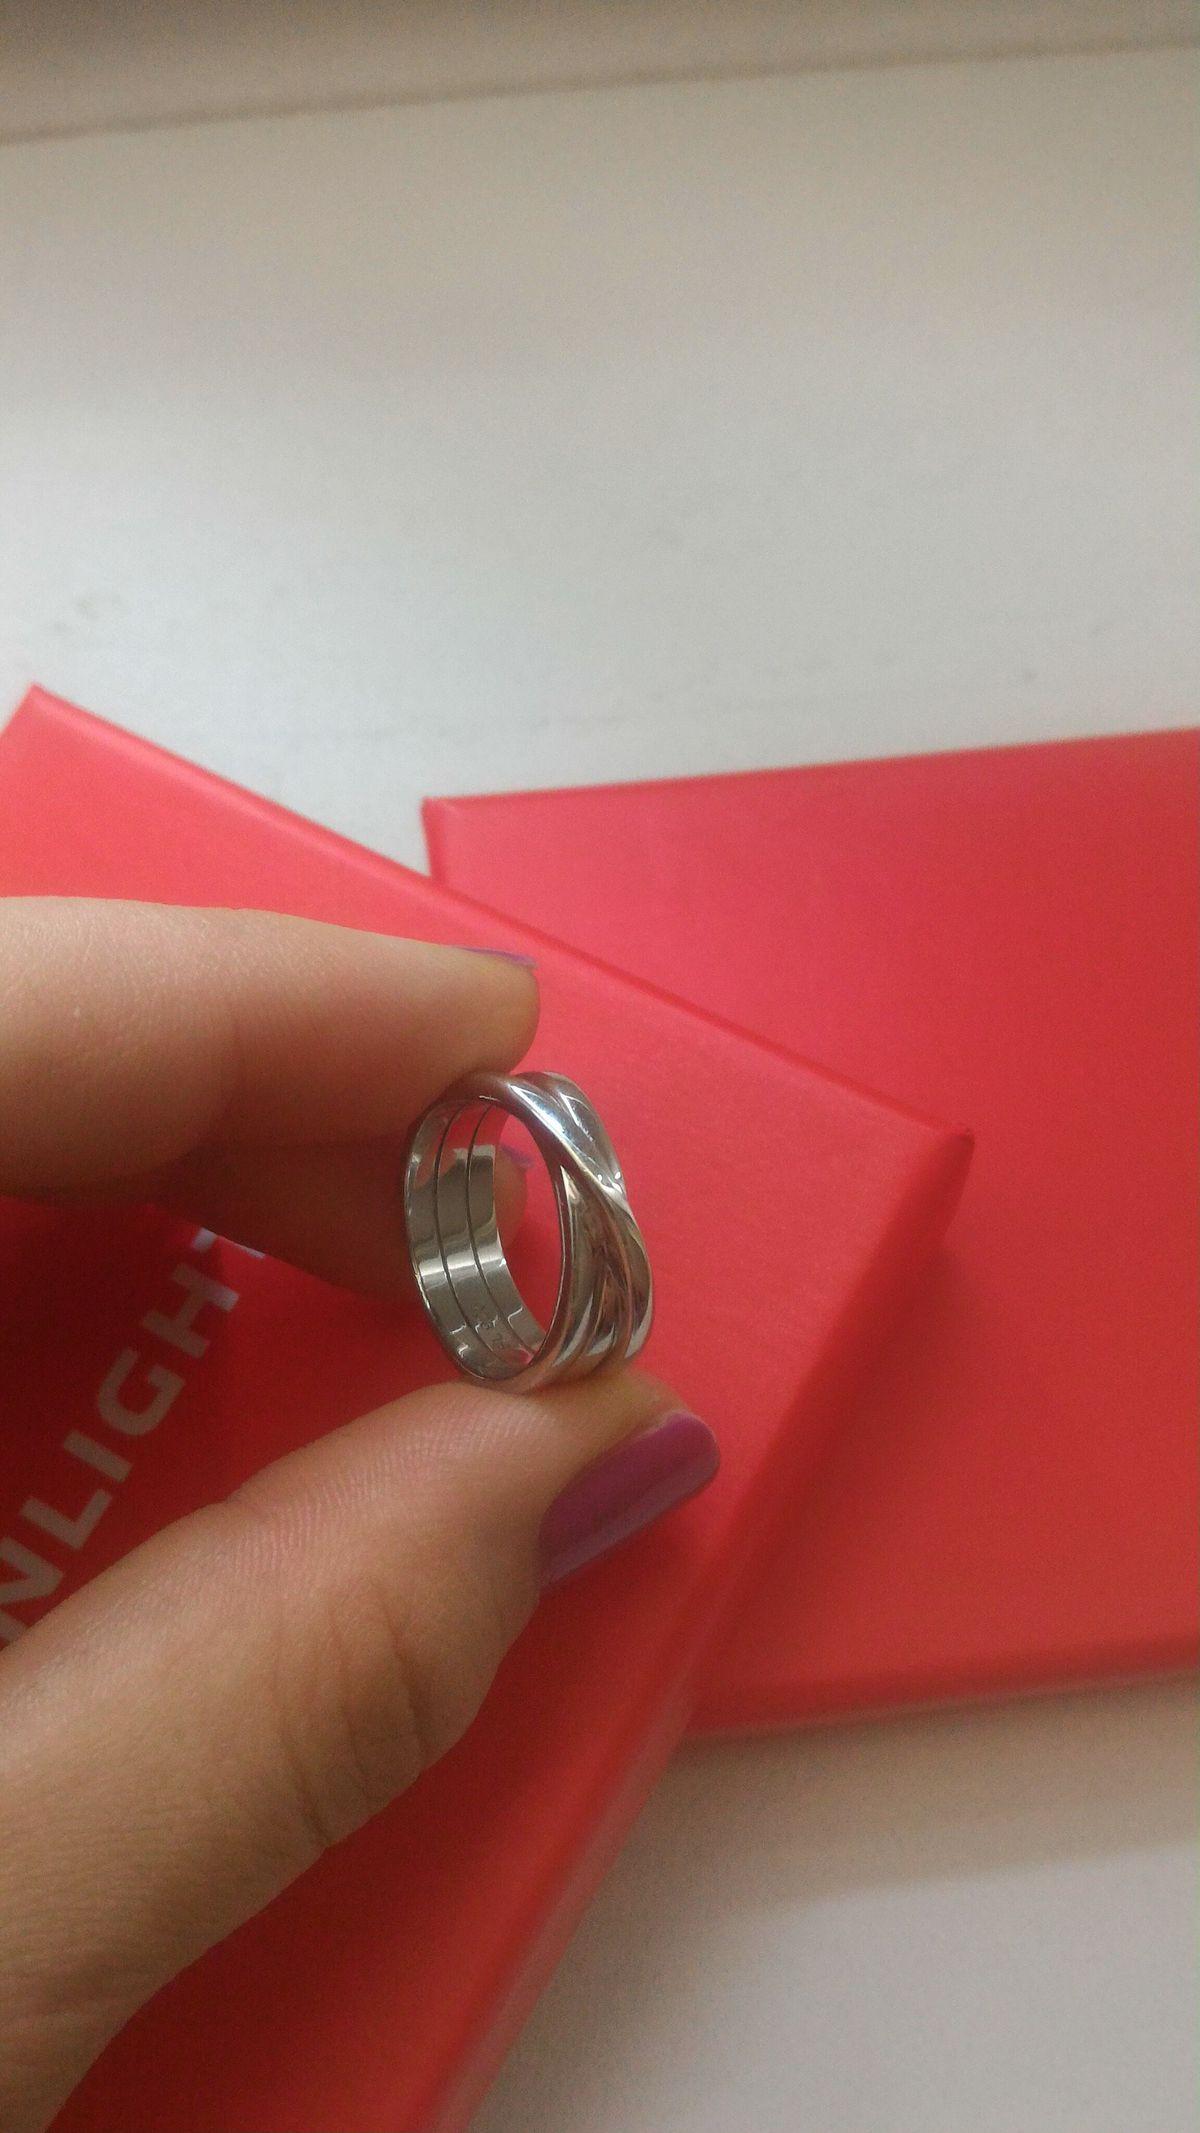 Теперь это любимое кольцо!